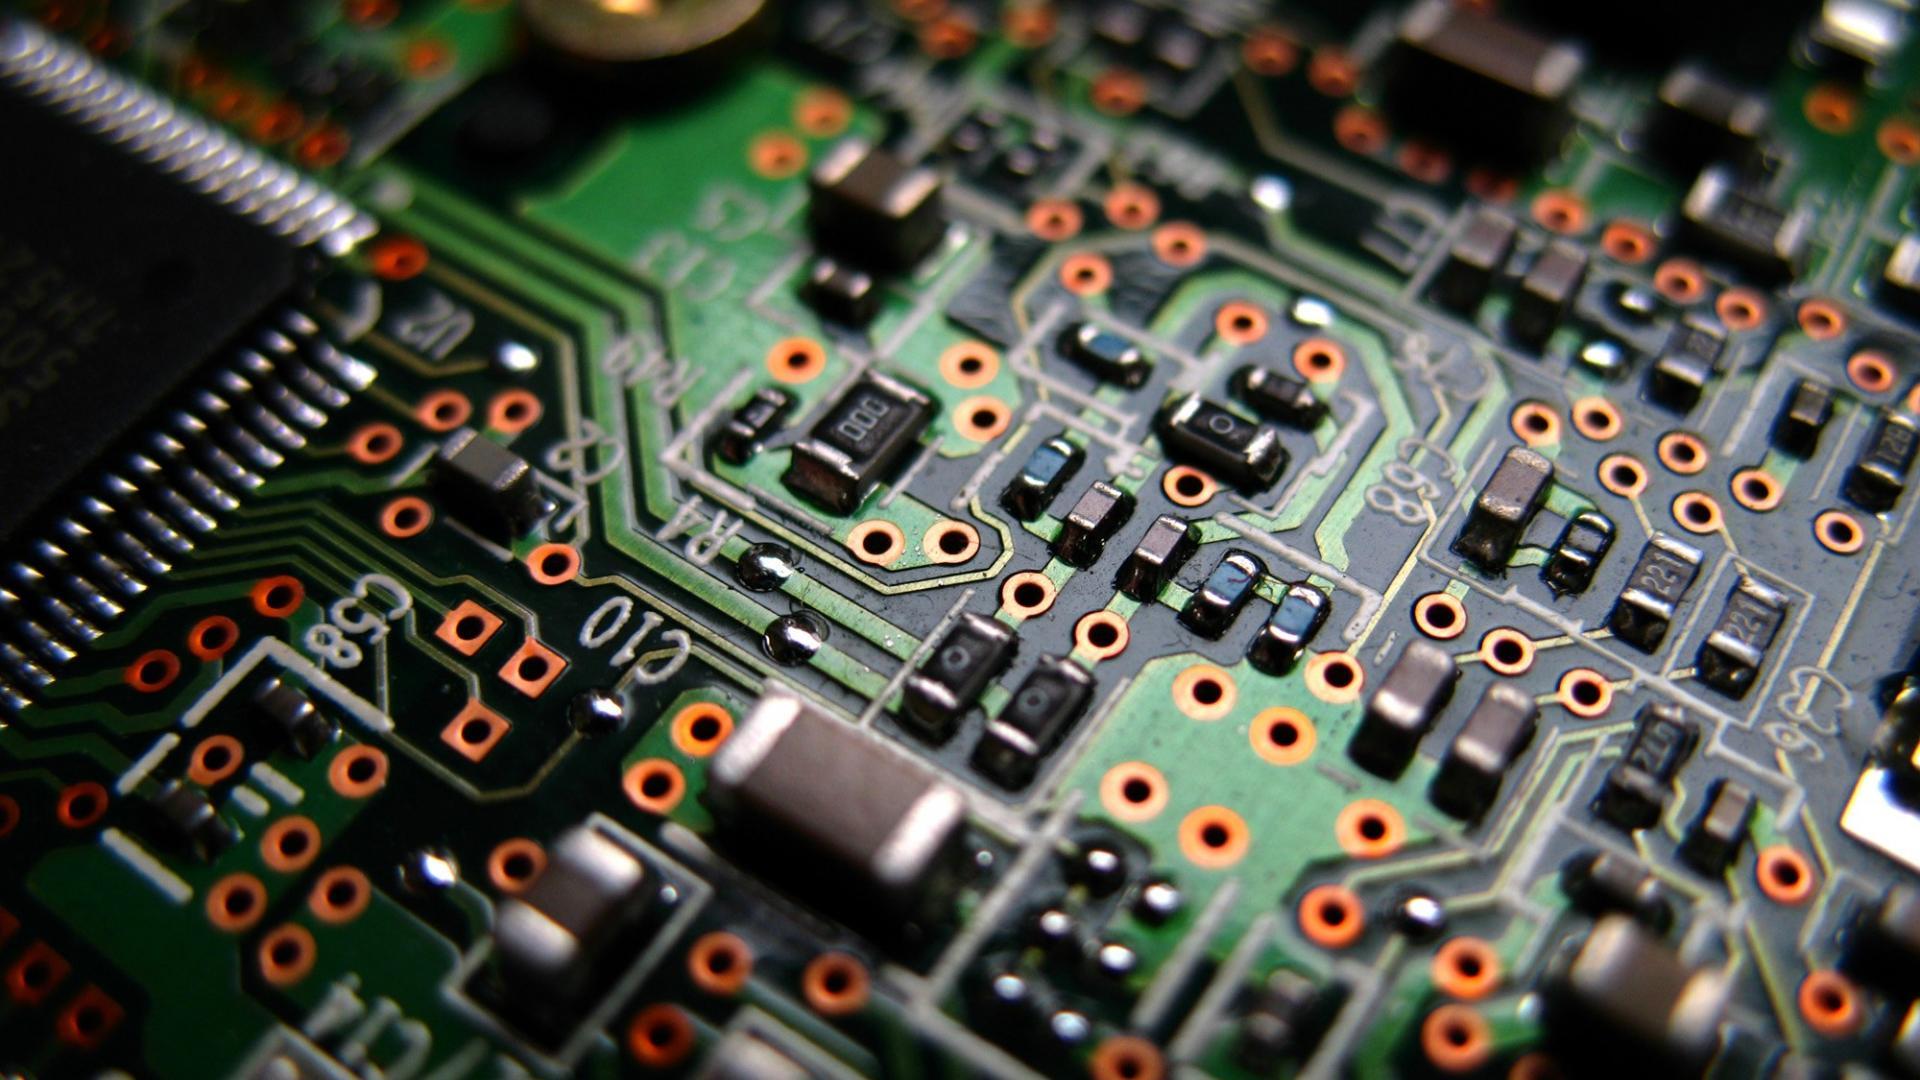 Electronic Circuit Wallpaper 2000x1500 HQ WALLPAPER 33222 1920x1080